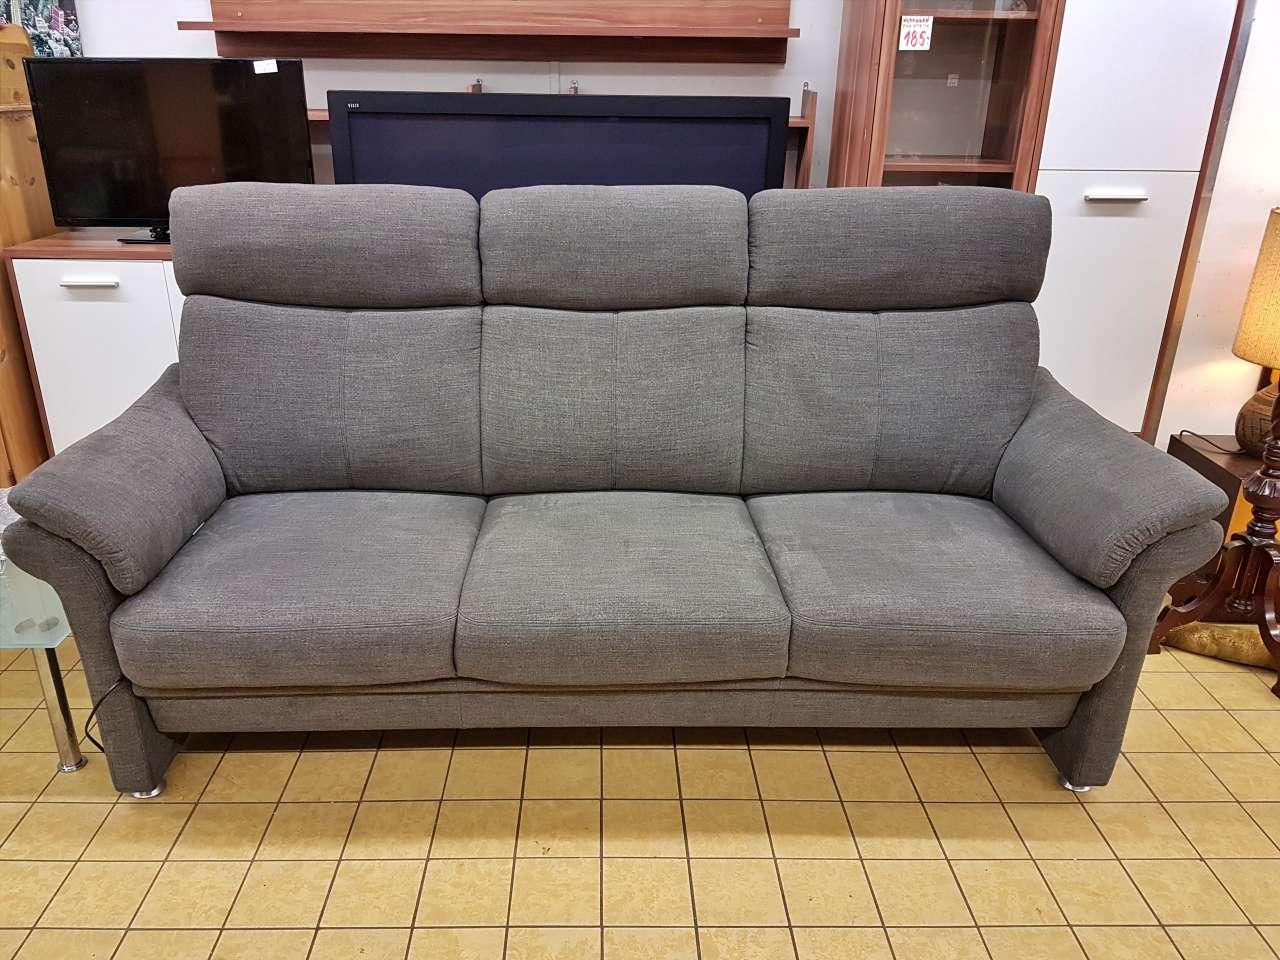 Couch Sofa Stoff grau Arco